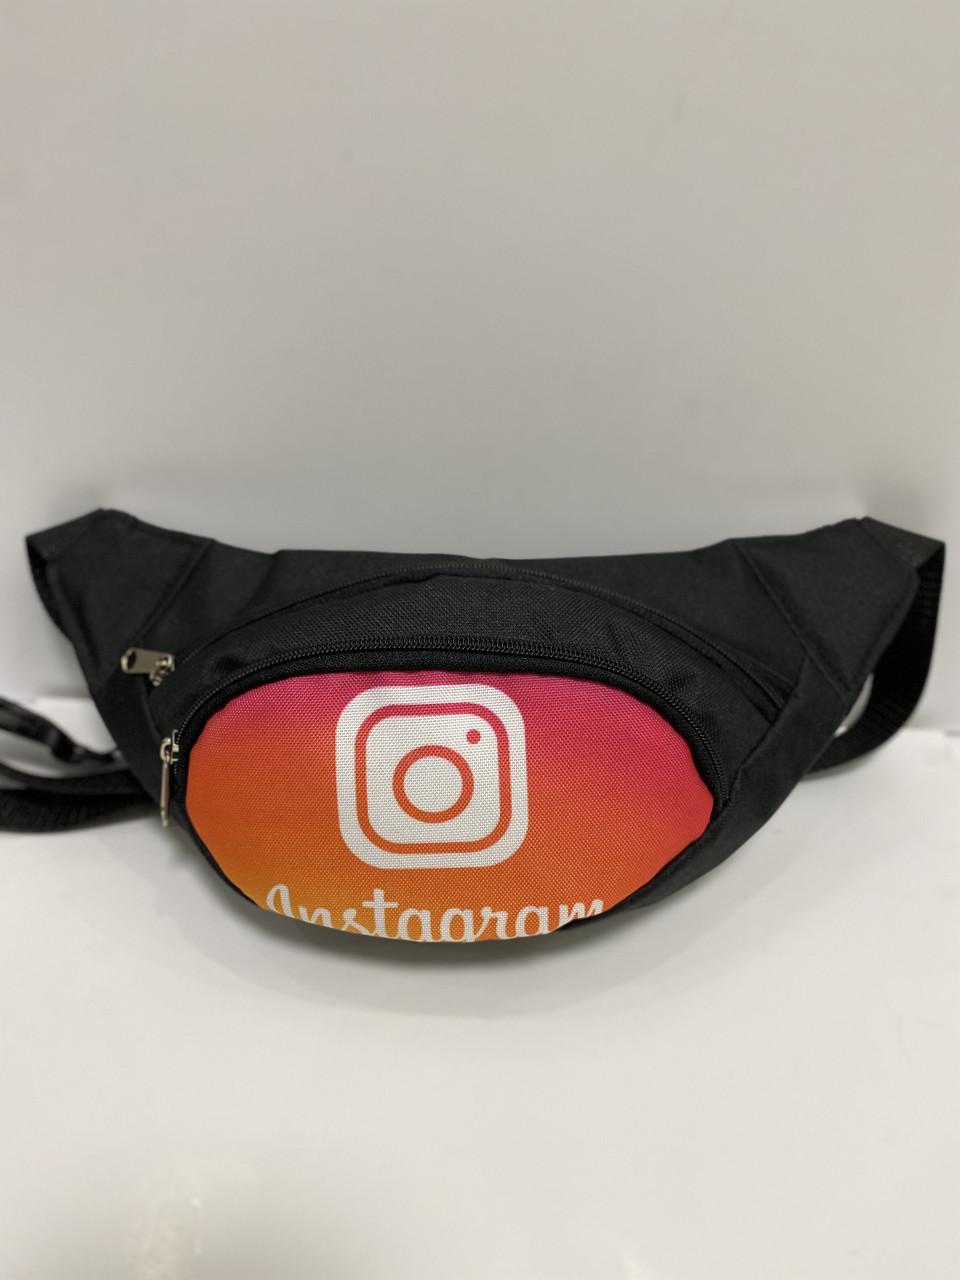 Поясная сумка Бананка сумка на пояс тканевая с ярким принтом молодежная инстаграм